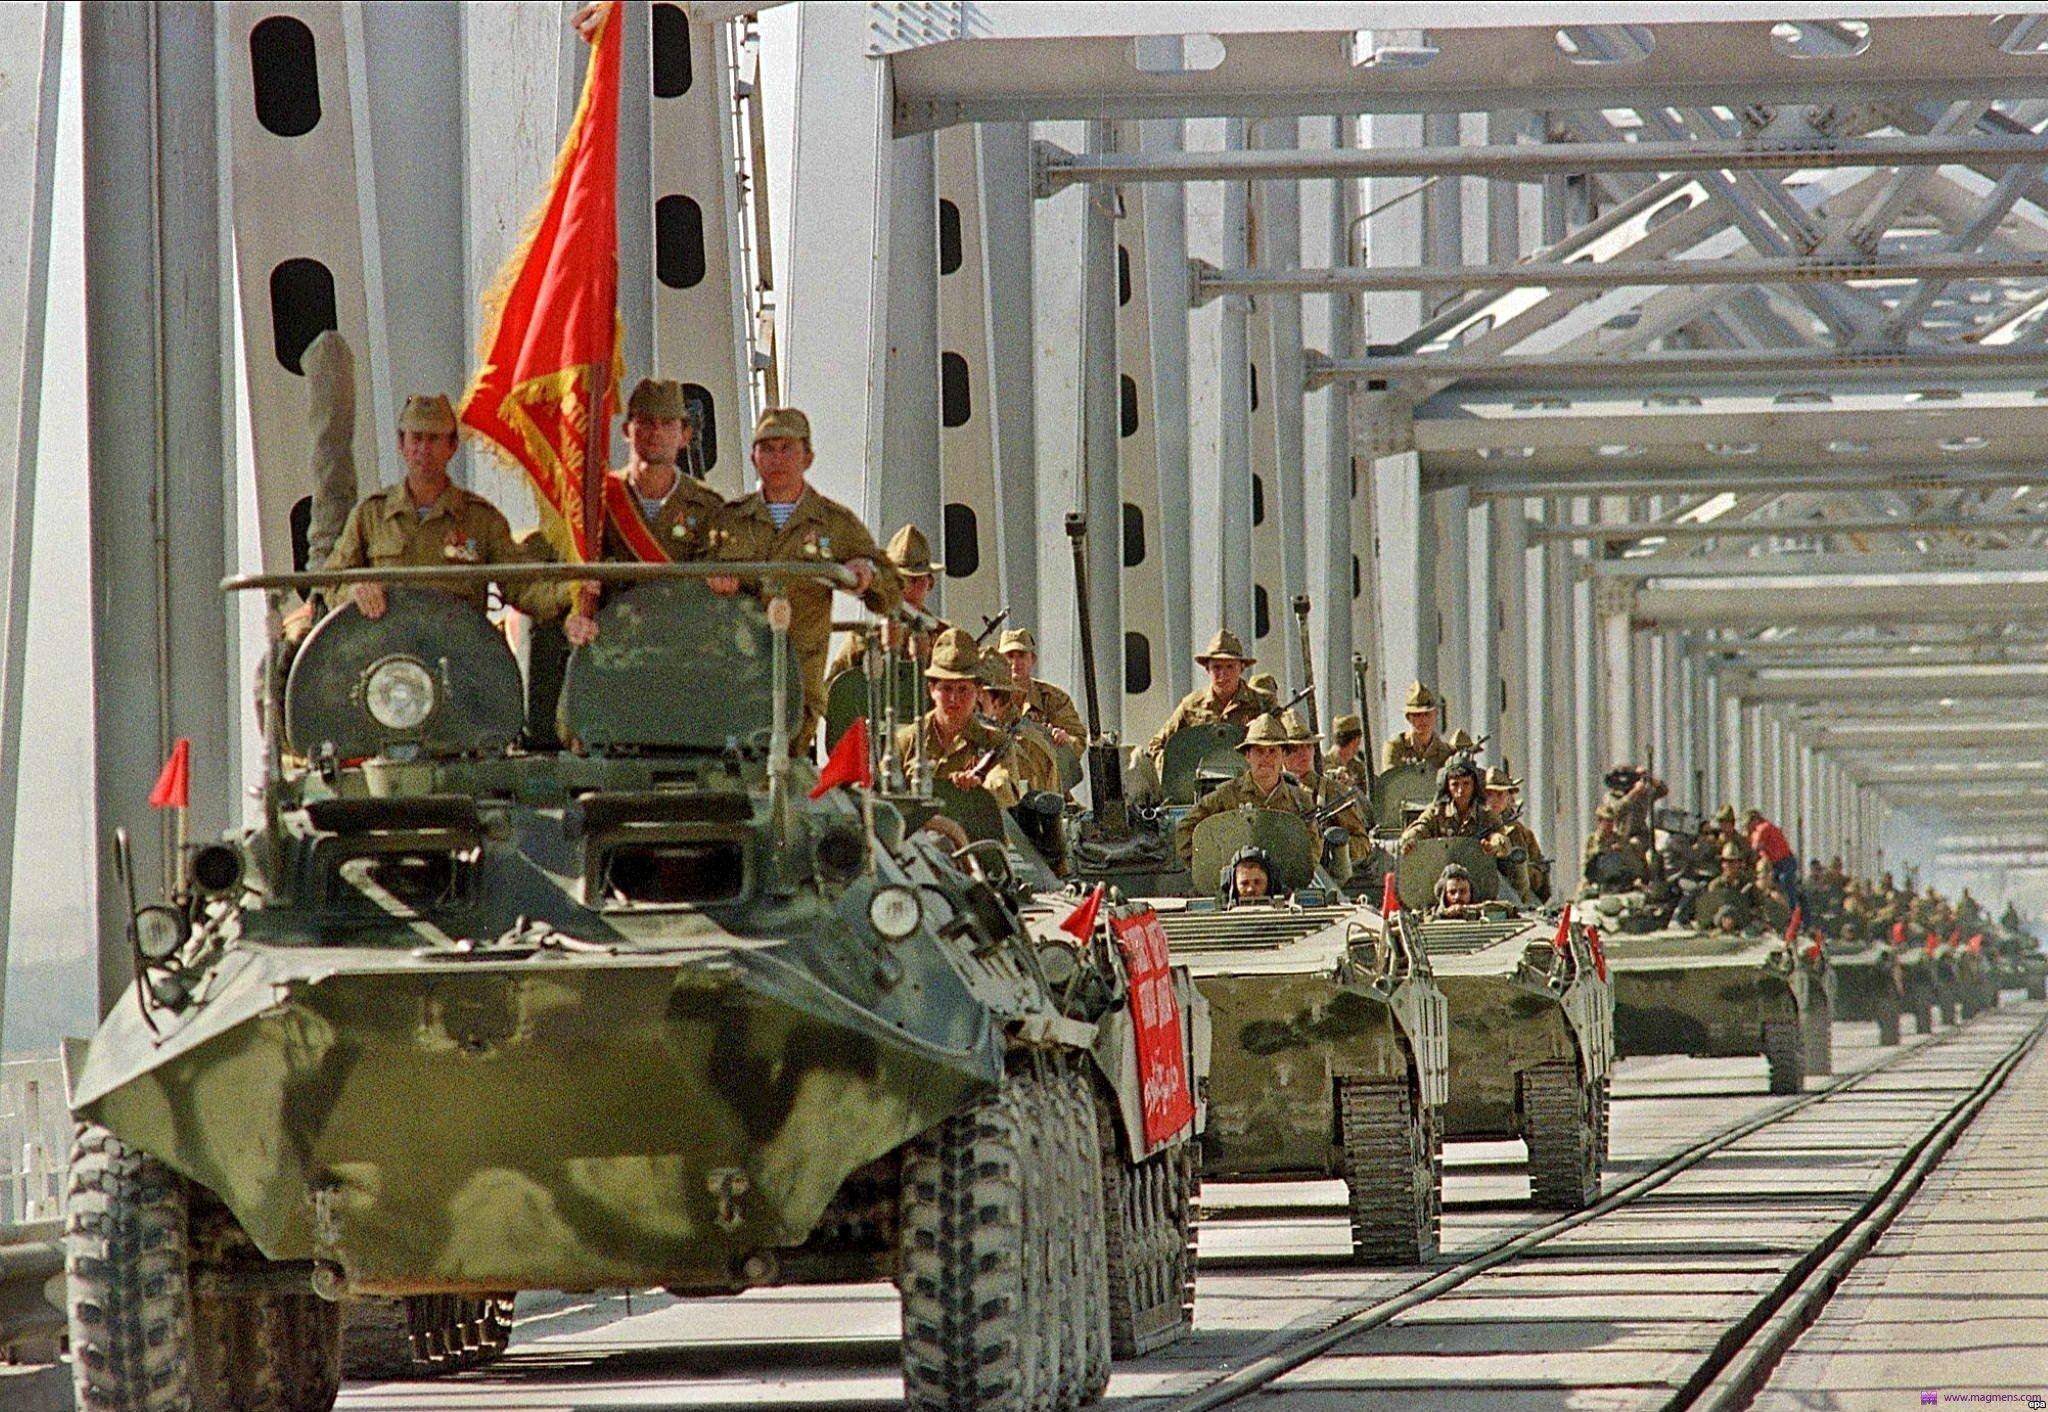 Вывод войск 14 февраля 1989 года на аэродроме кабул уже полностью хозяйничали